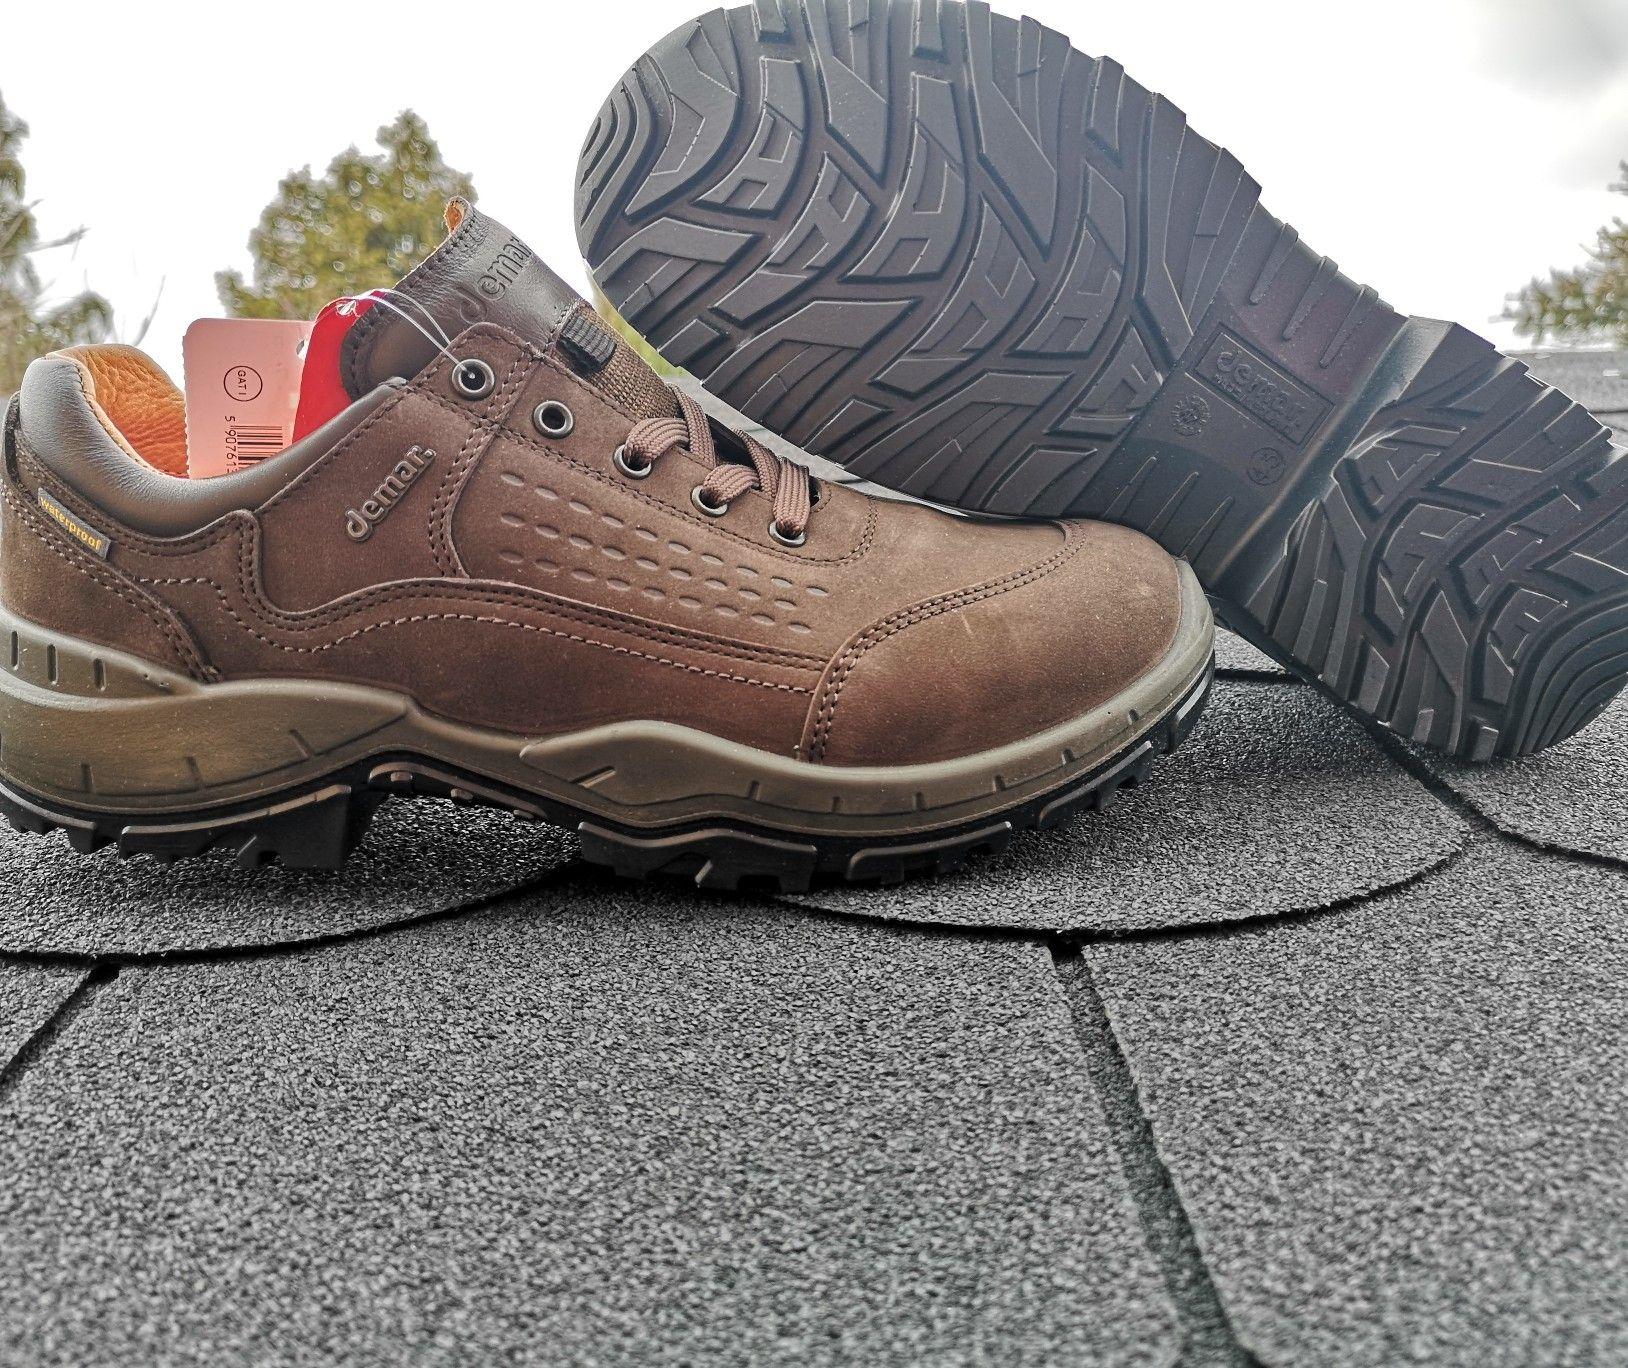 Markus X Polbuty Mysliwskie Demar Membrana Hiking Boots Shoes Boots